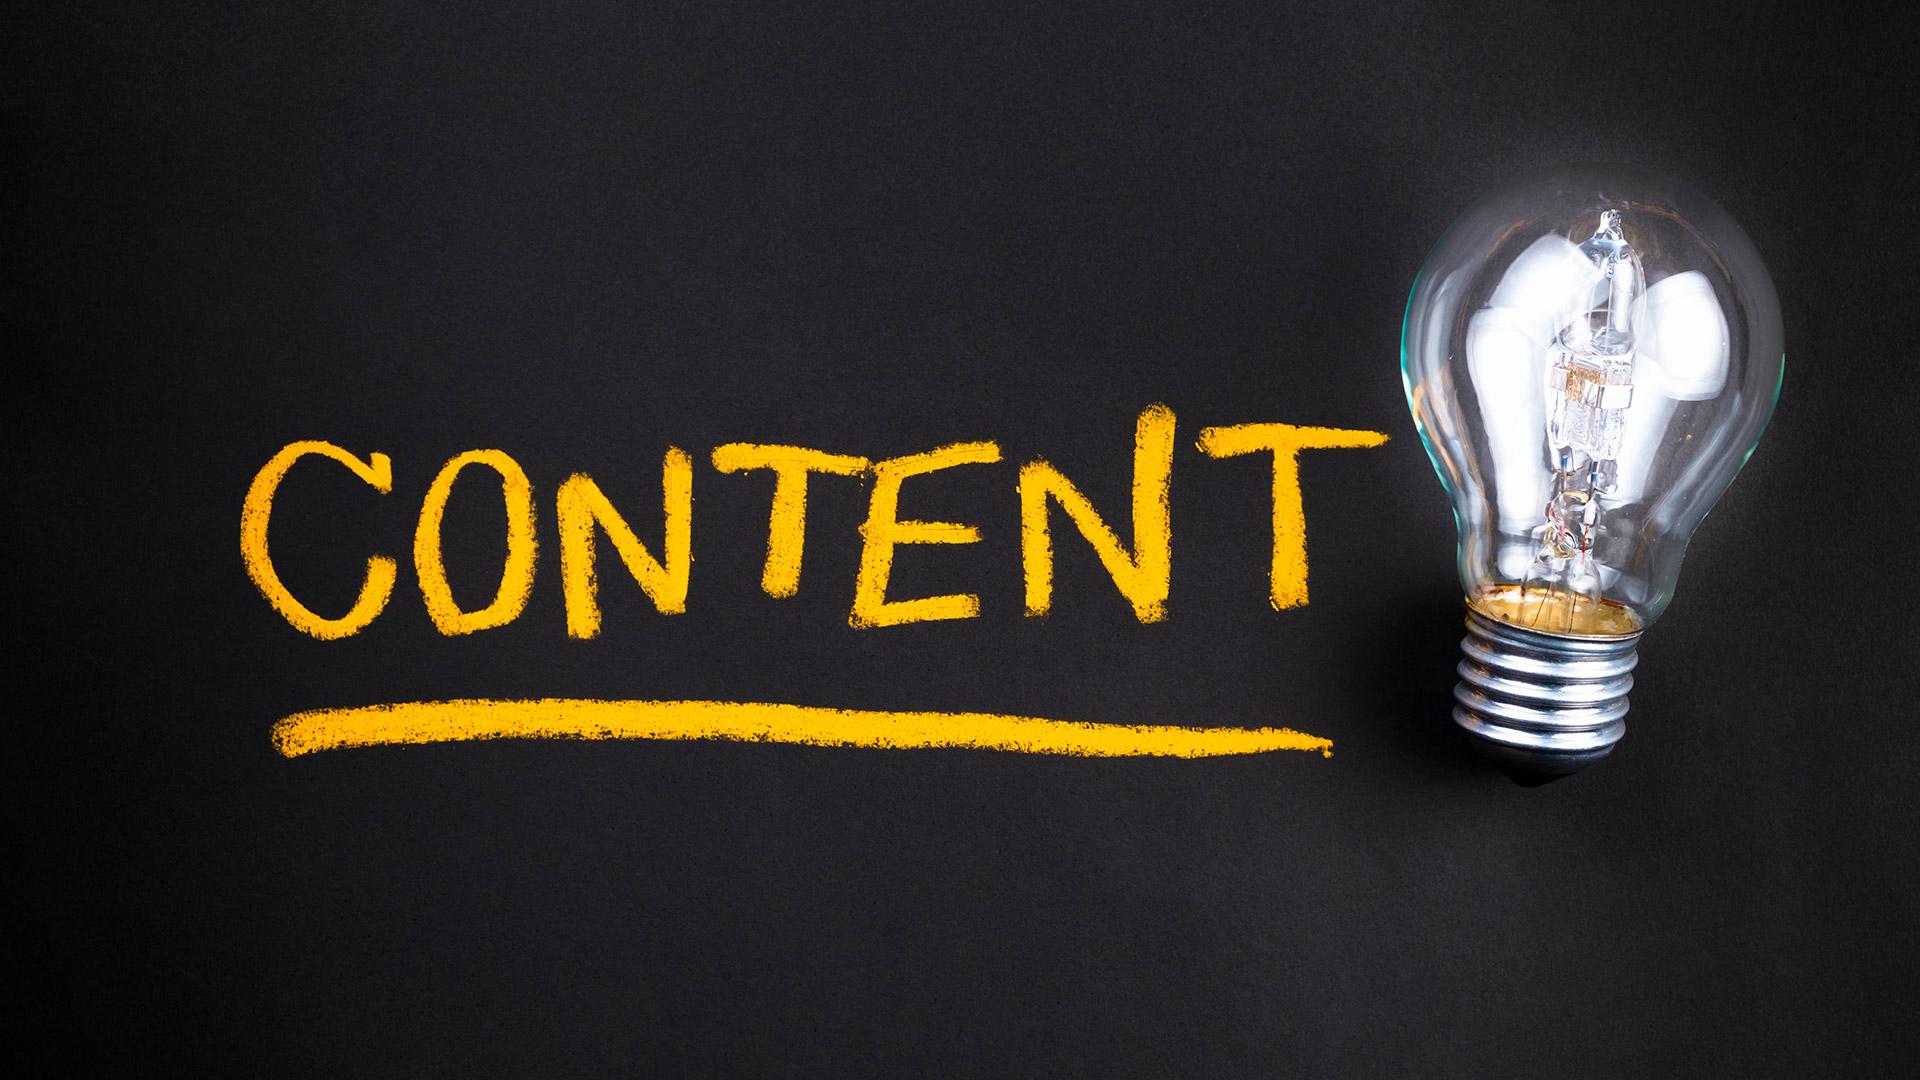 Пишем 100 тем для выпусков на канале, важных нашему клиенту. Контент-план на 100 идей